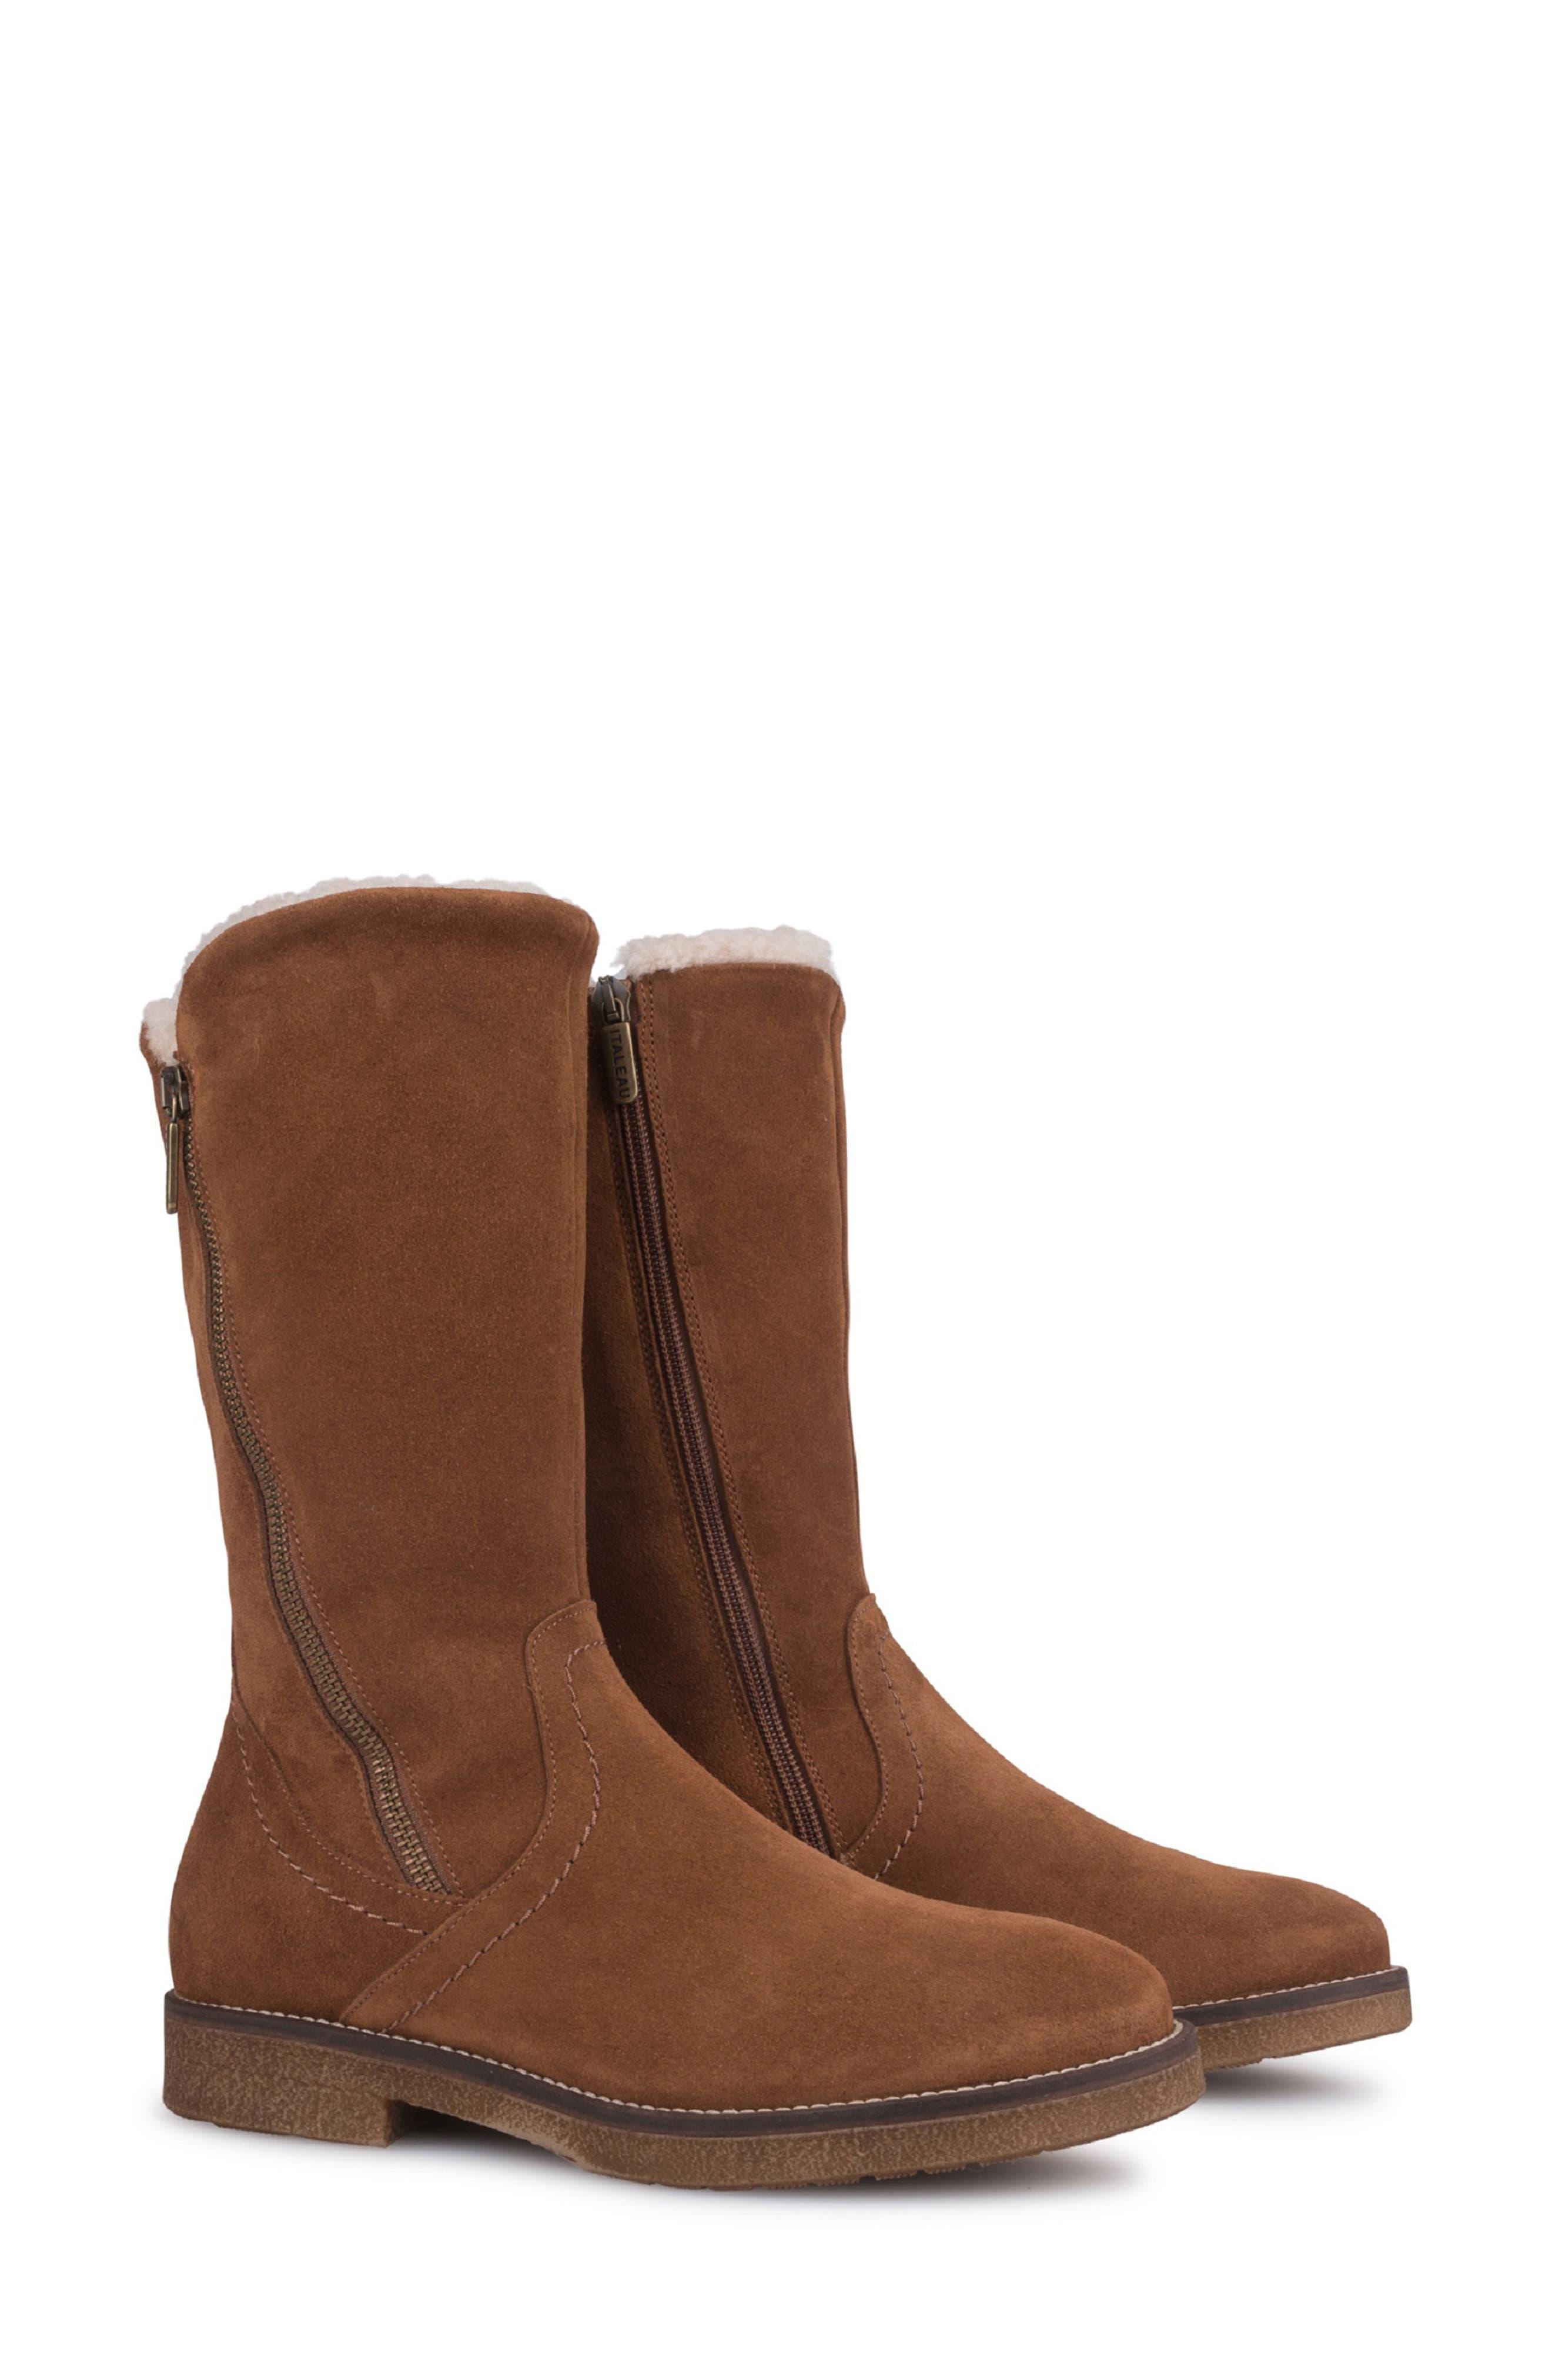 Italeau Karah Genuine Shearling Lined Waterproof Boot - Brown